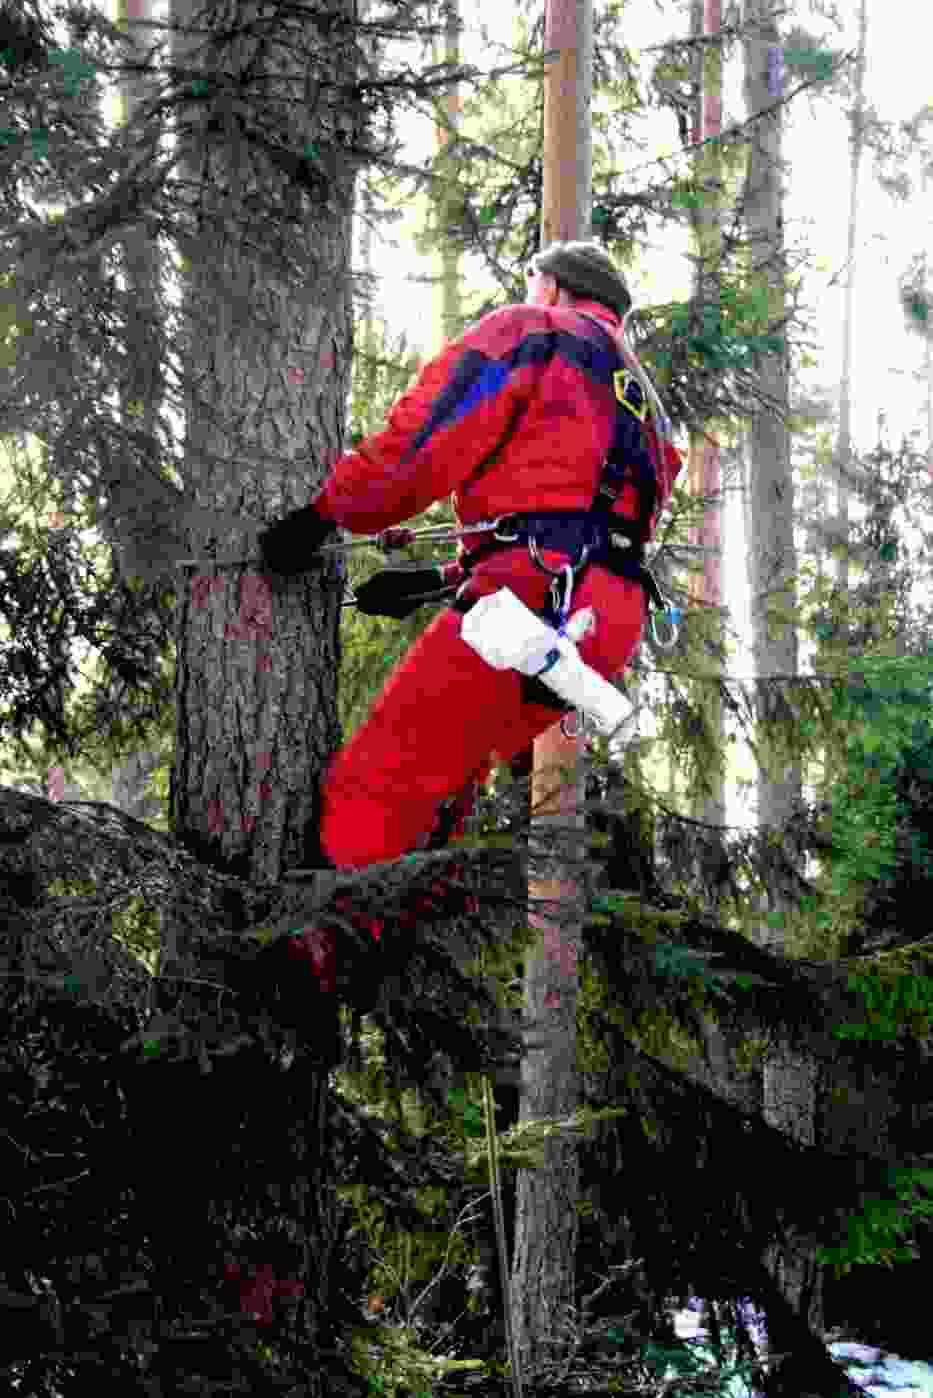 Aby wspiąć się na drzewo należy wyposażyć się w odpowiednie narzędzia, strój oraz zdobyć uprawnienia do pracy o charakterze alpinisty